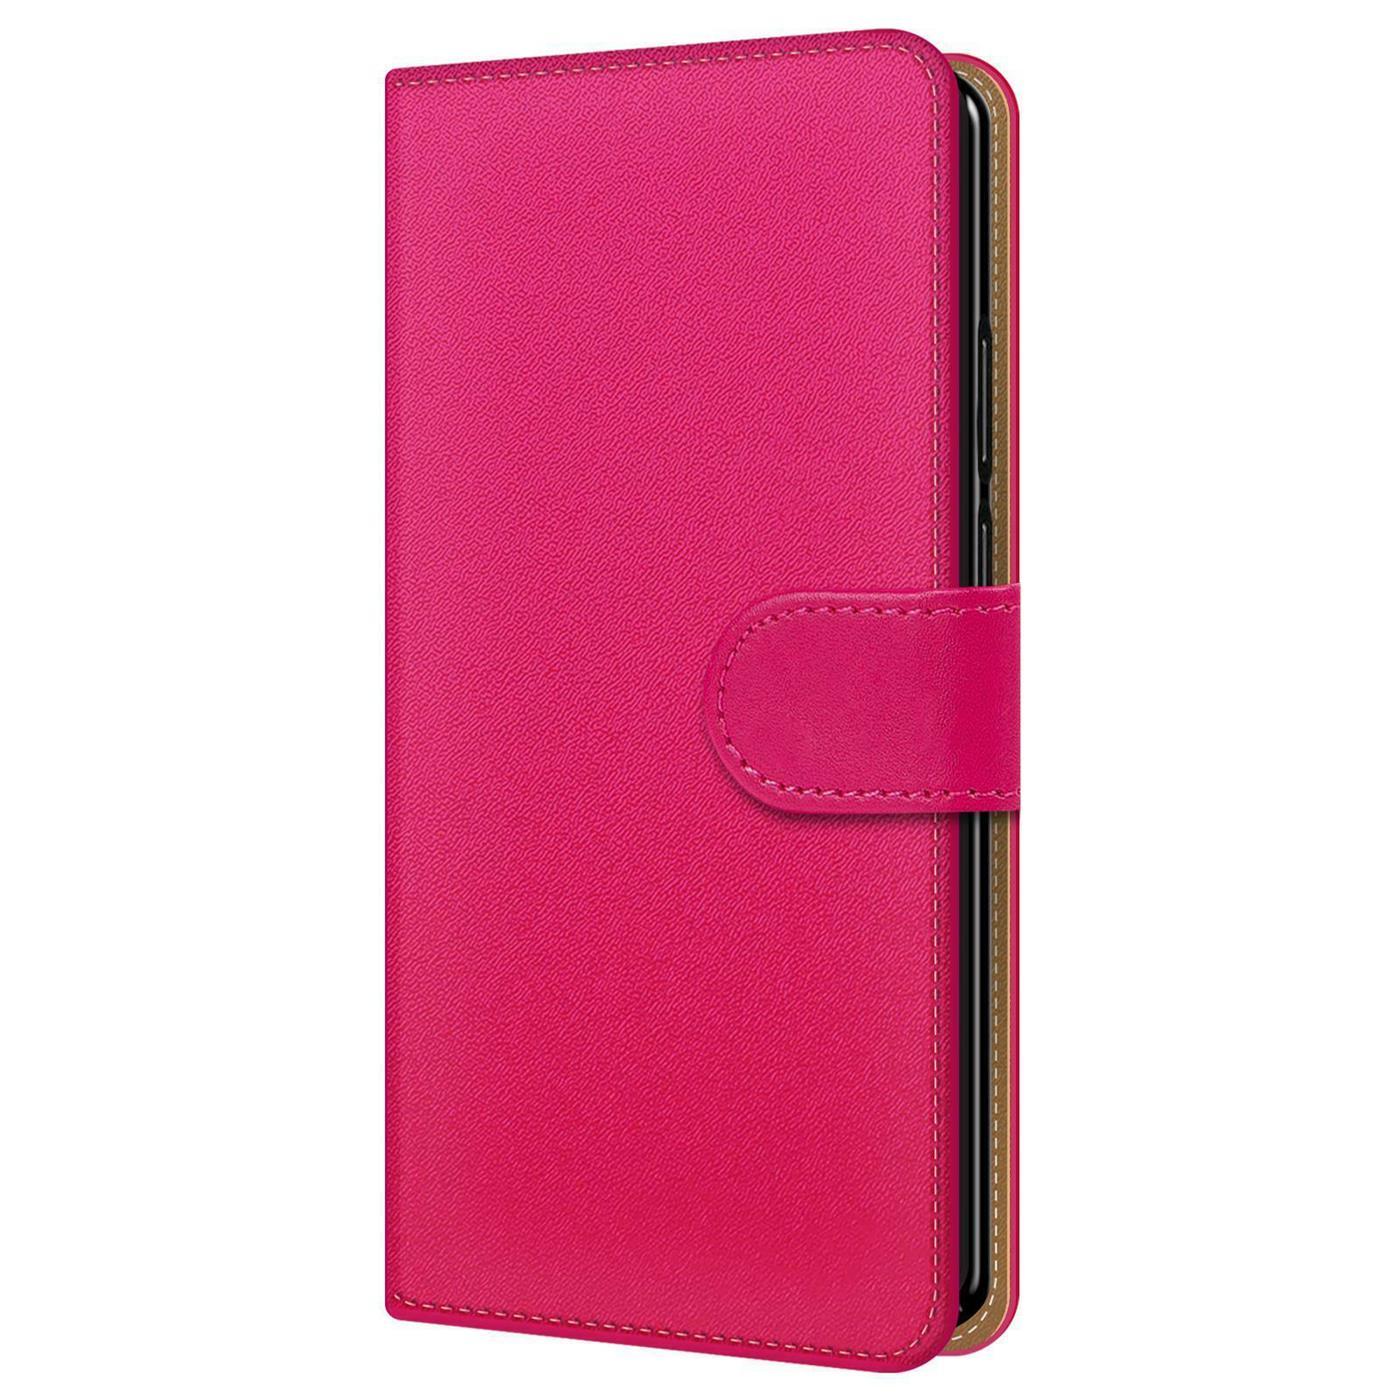 Samsung-Galaxy-J4-Plus-Handy-Klapp-Tasche-Schutz-Huelle-Book-Flip-Cover-Case-Etui Indexbild 20